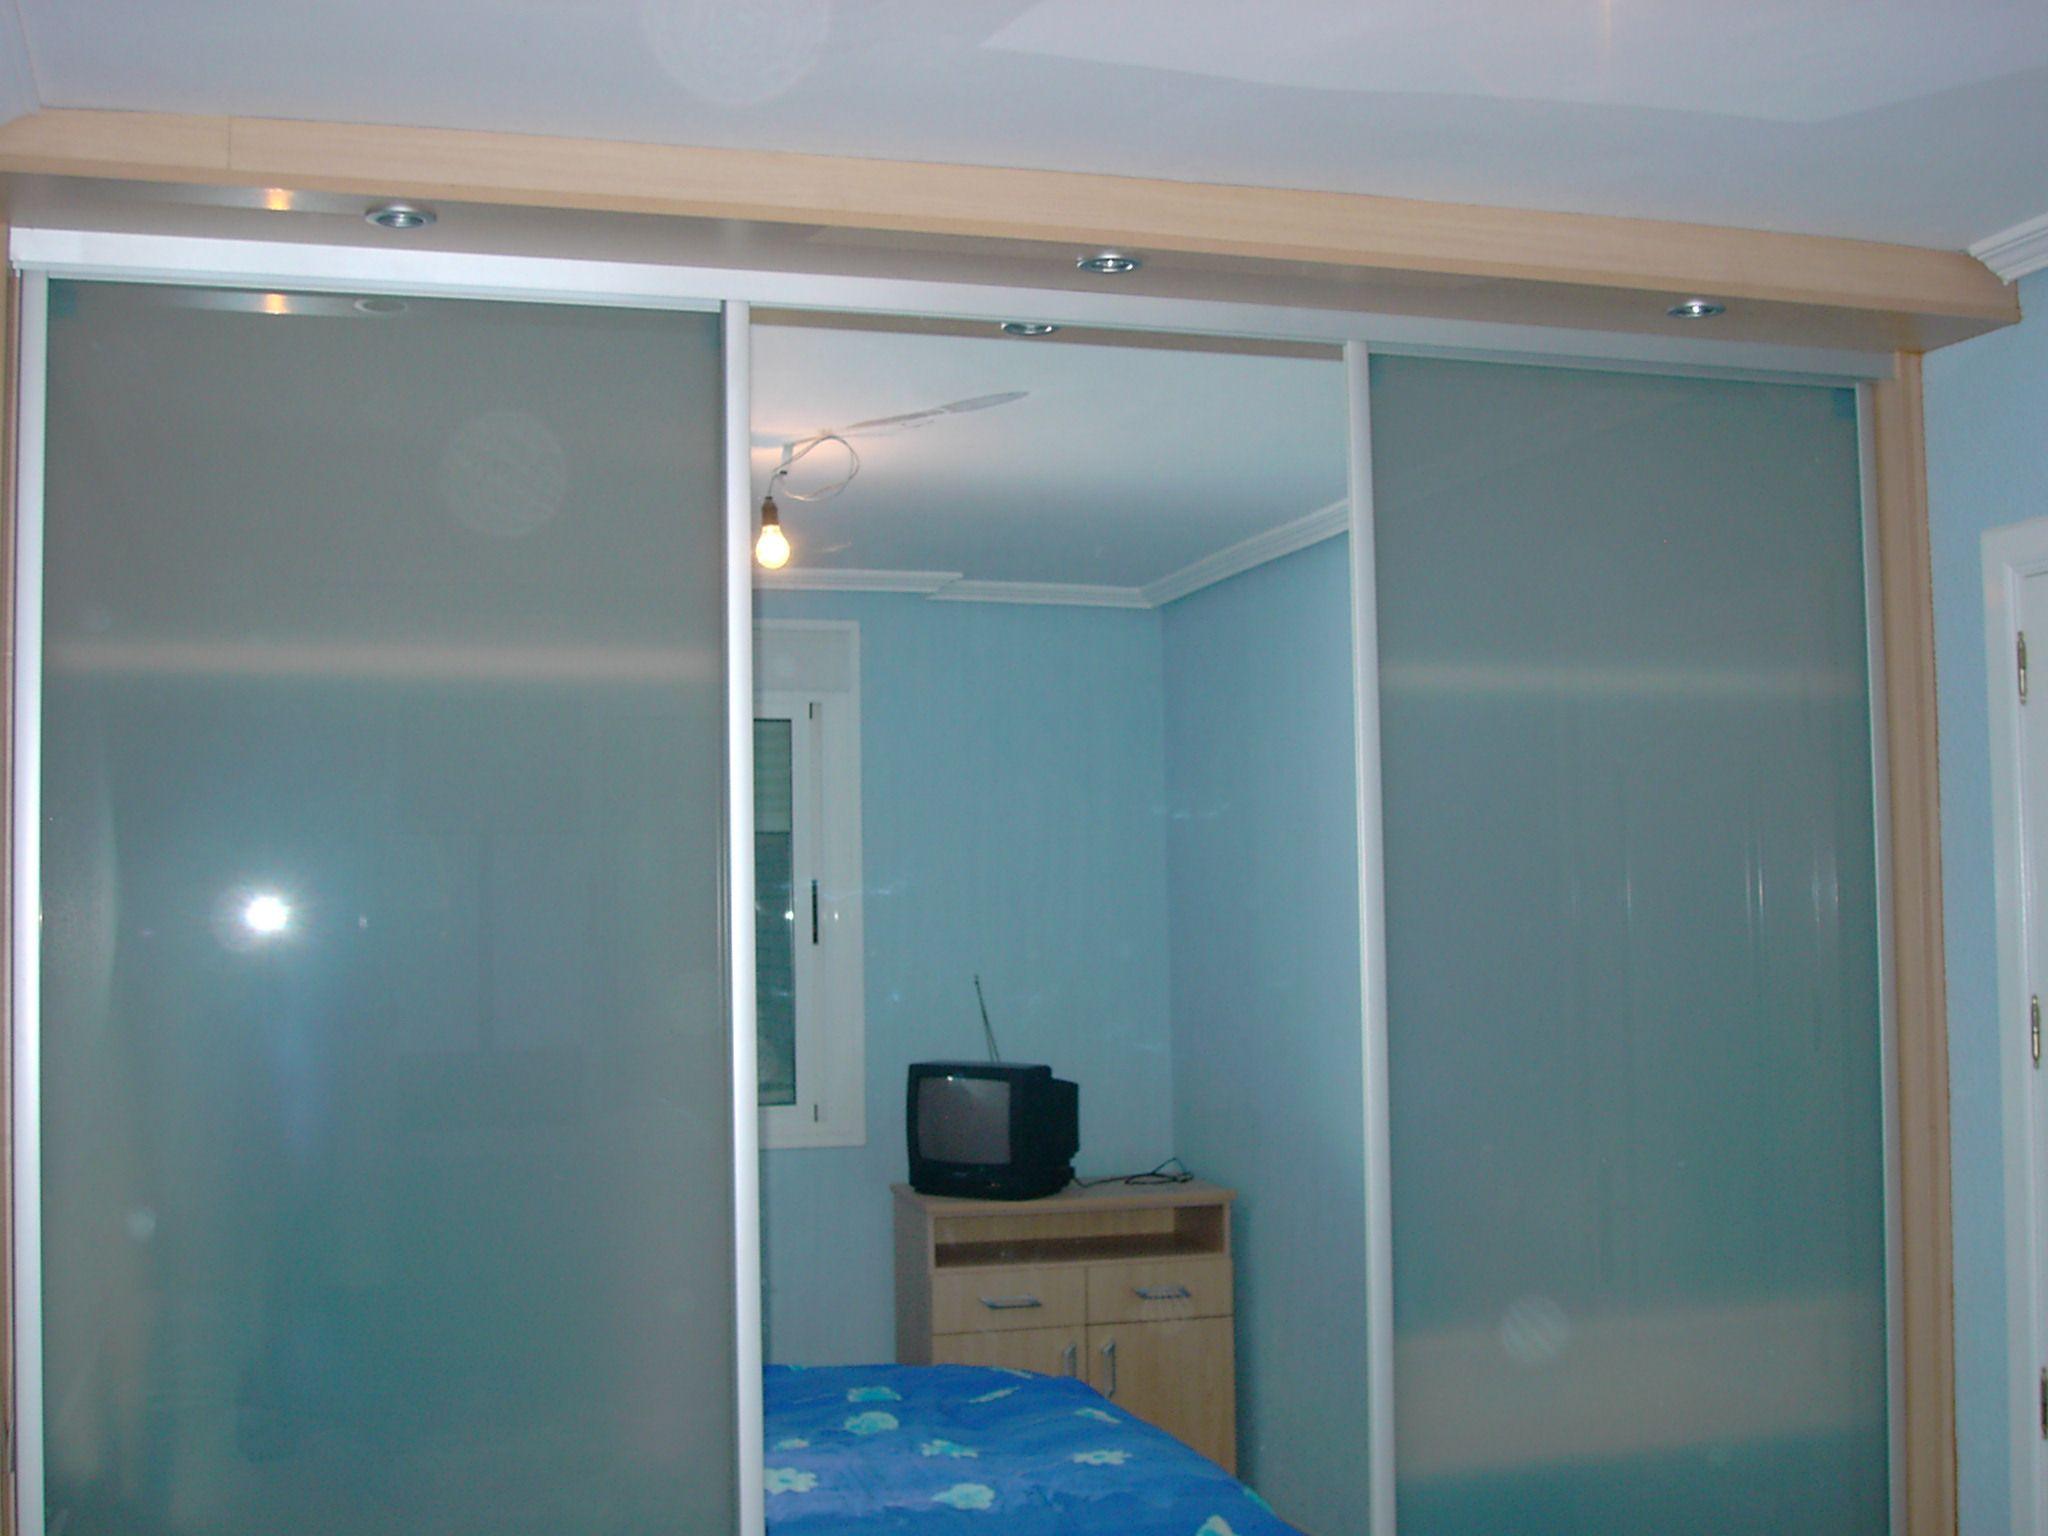 Puertas correderas de aluminio y cristal 1709 puertas ideas for Puertas correderas